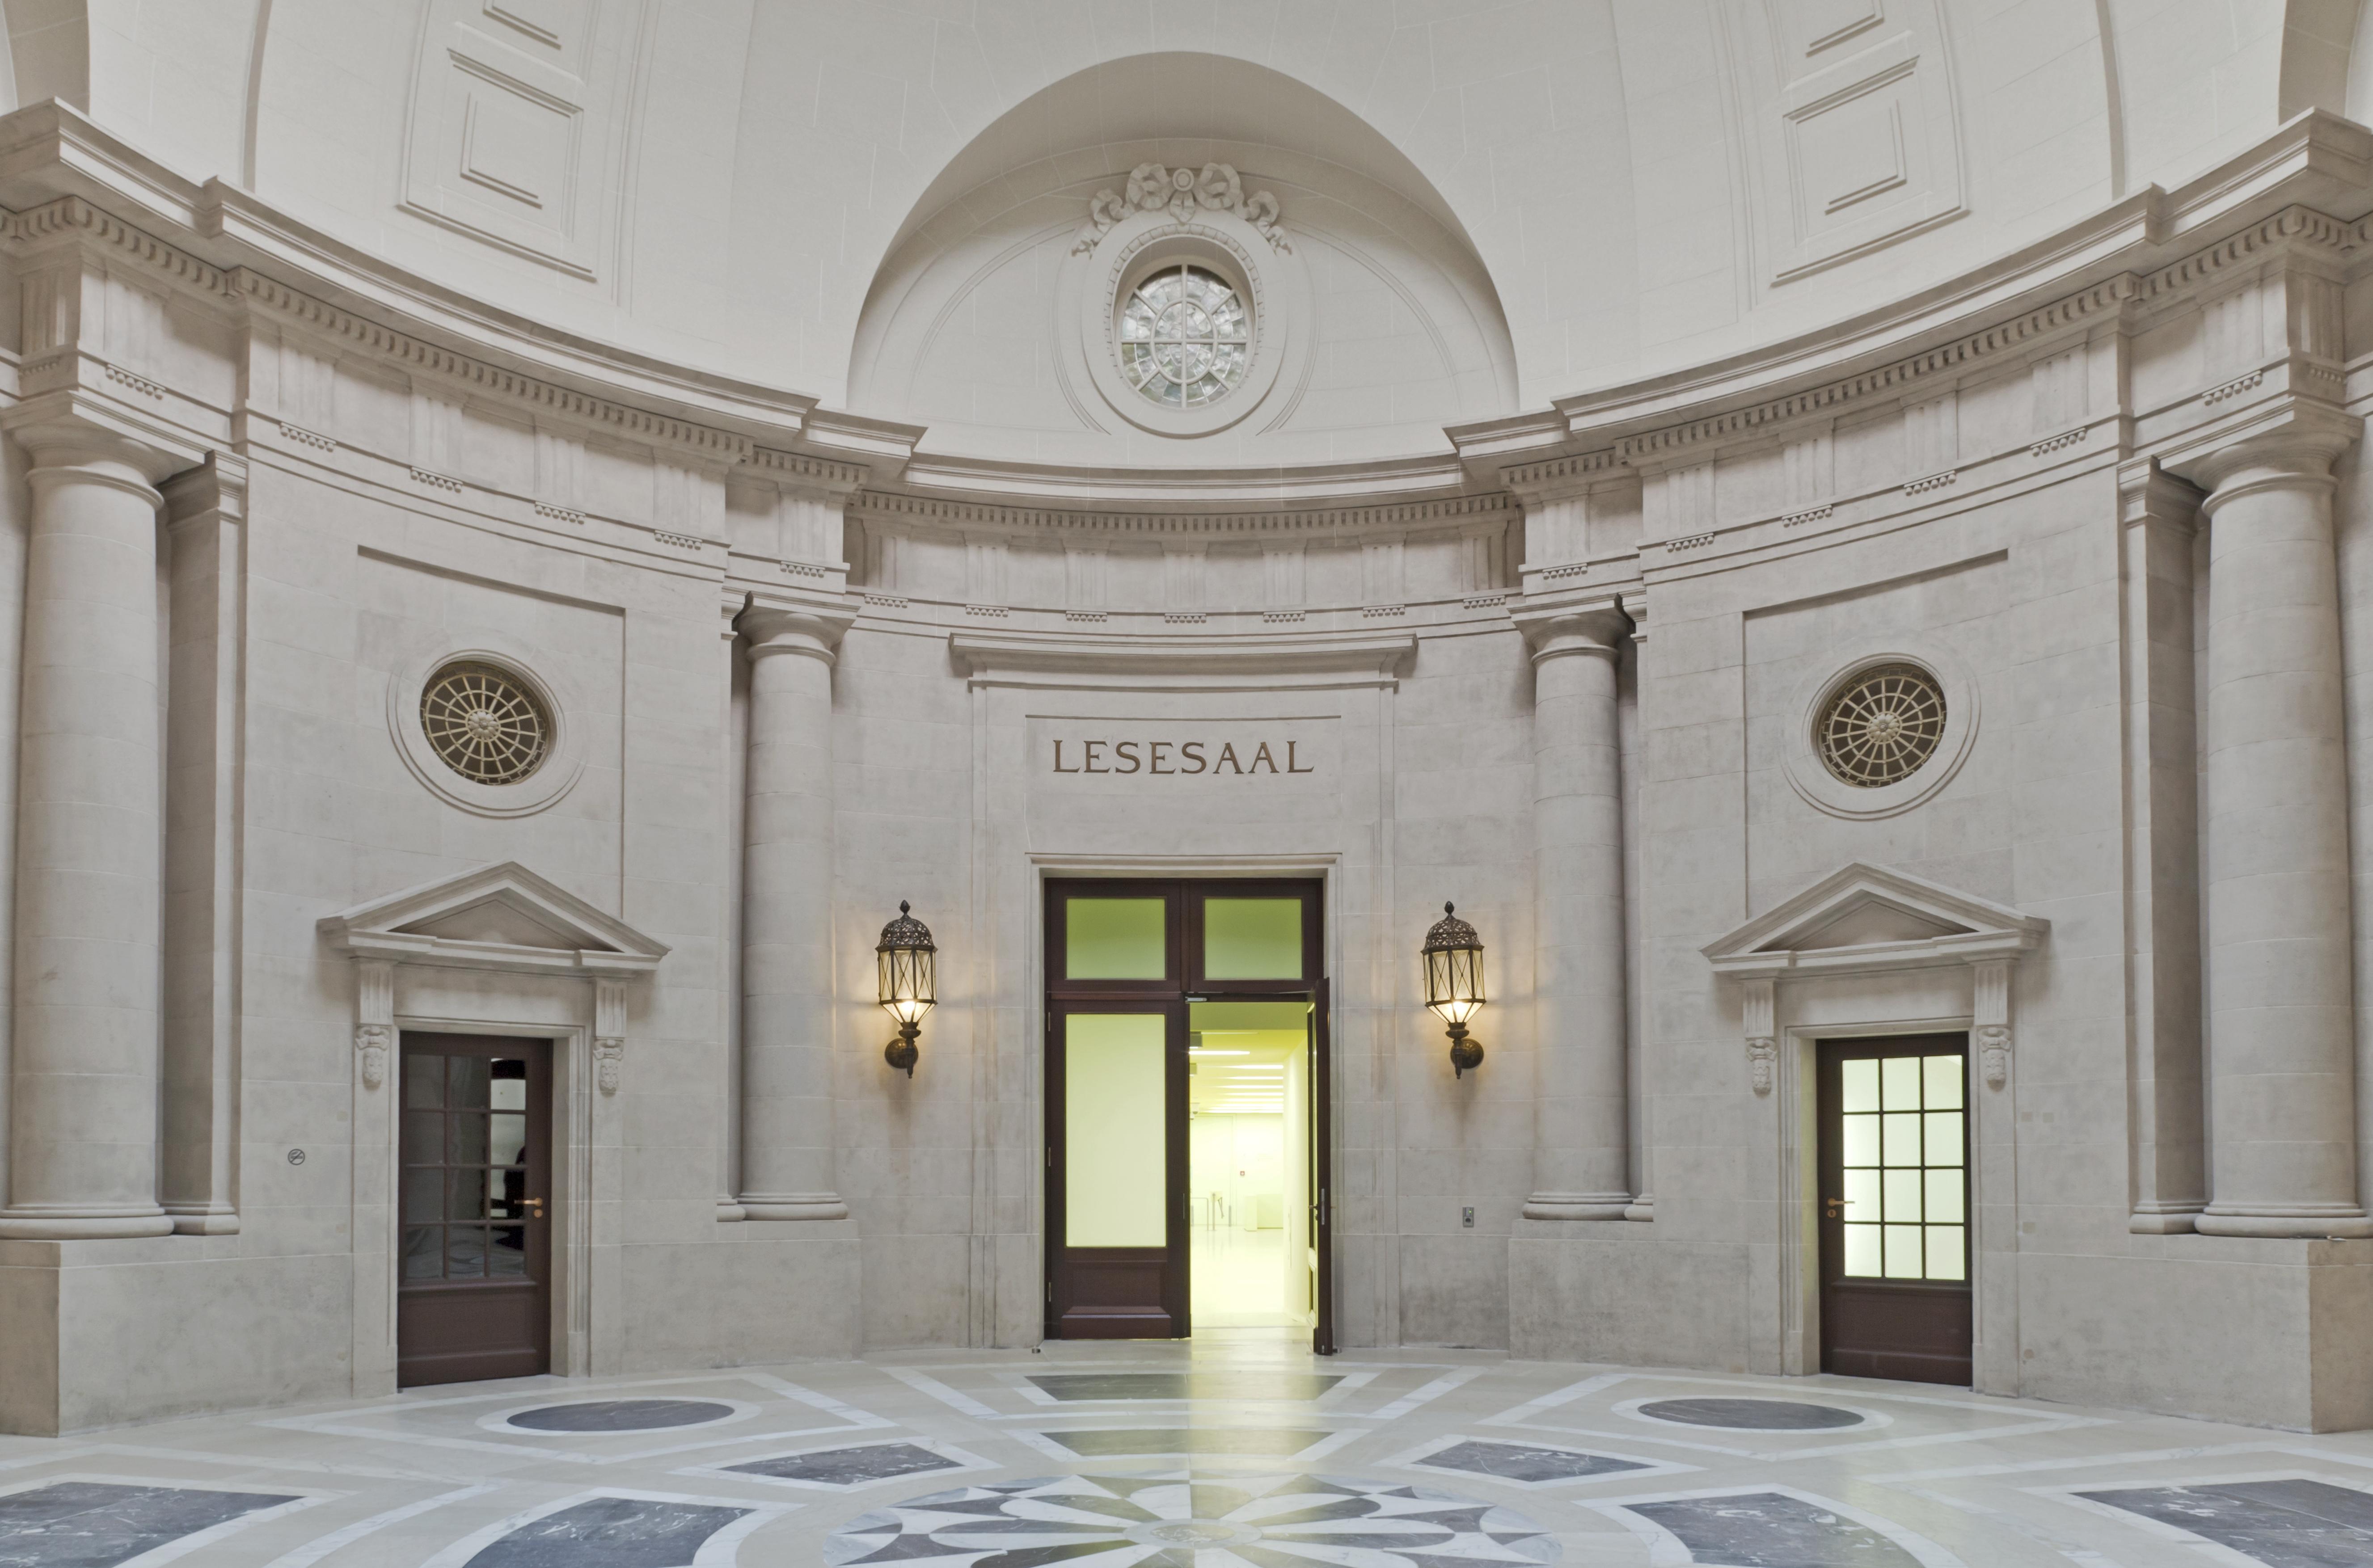 Nach 15 Jahren Umbau: Endlich erstrahlt die Staatsbibliothek unter den Linden wieder in voller Pracht